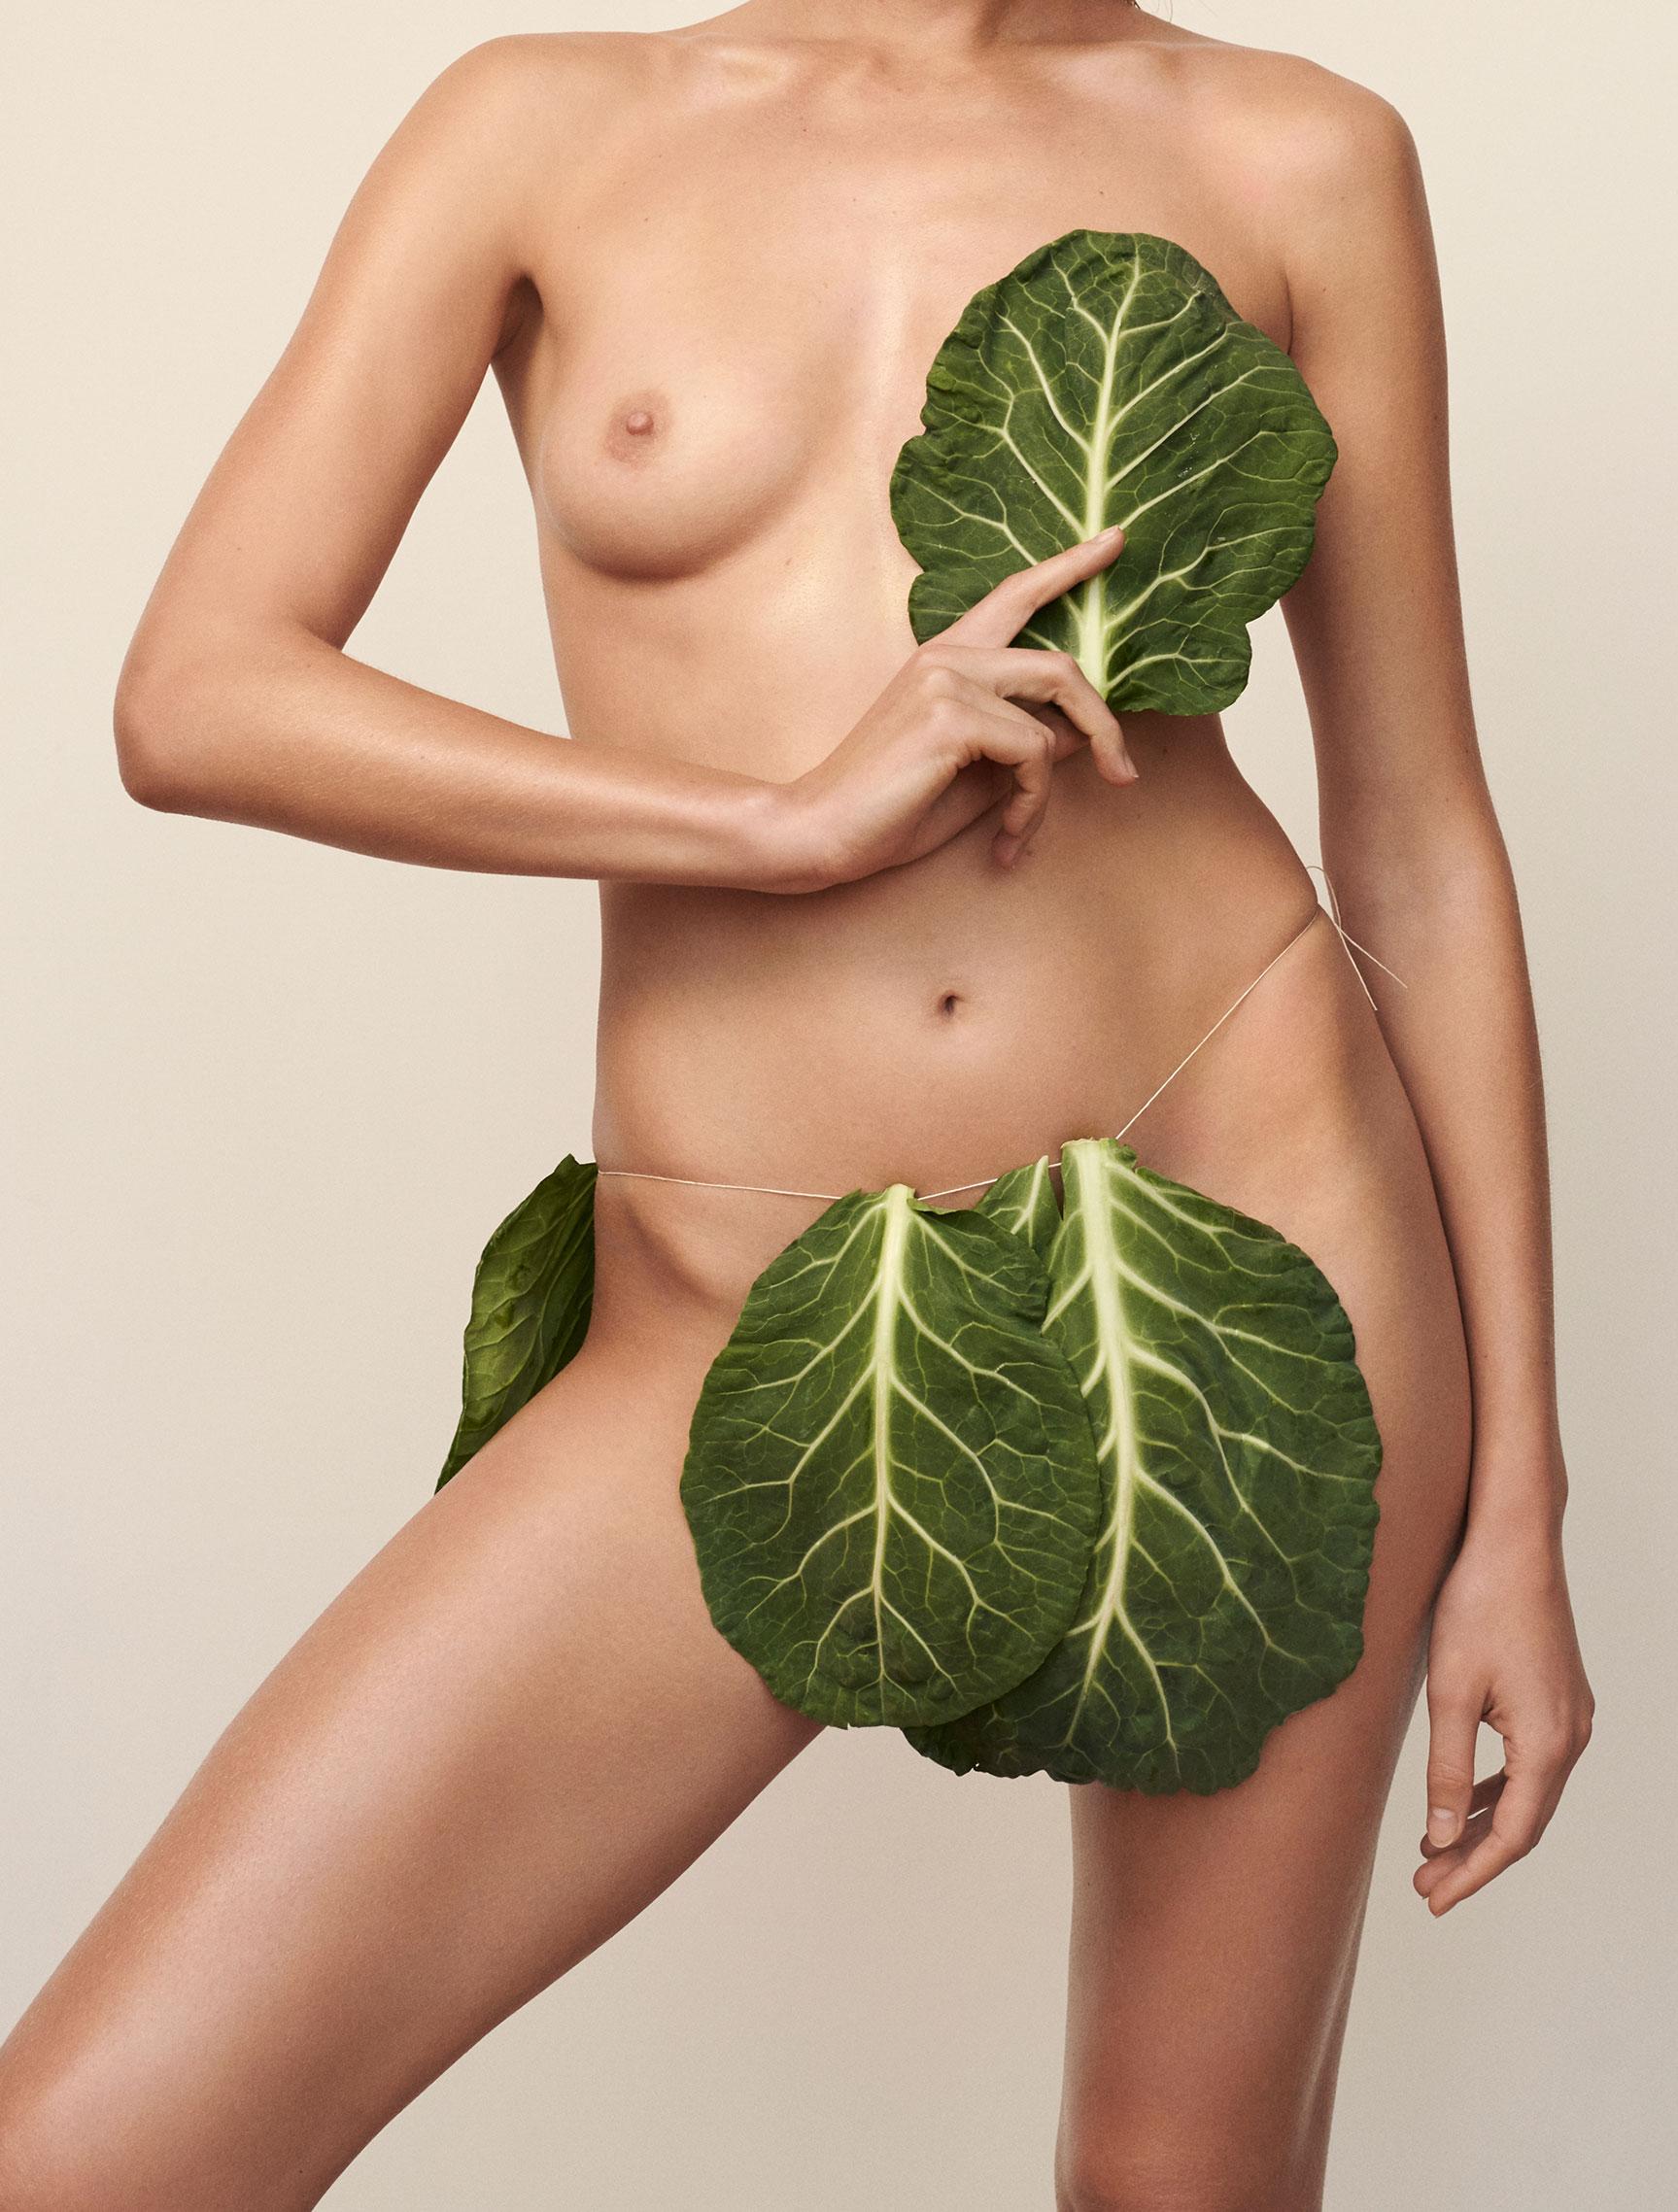 Полезная еда и голая женщина / фото 03